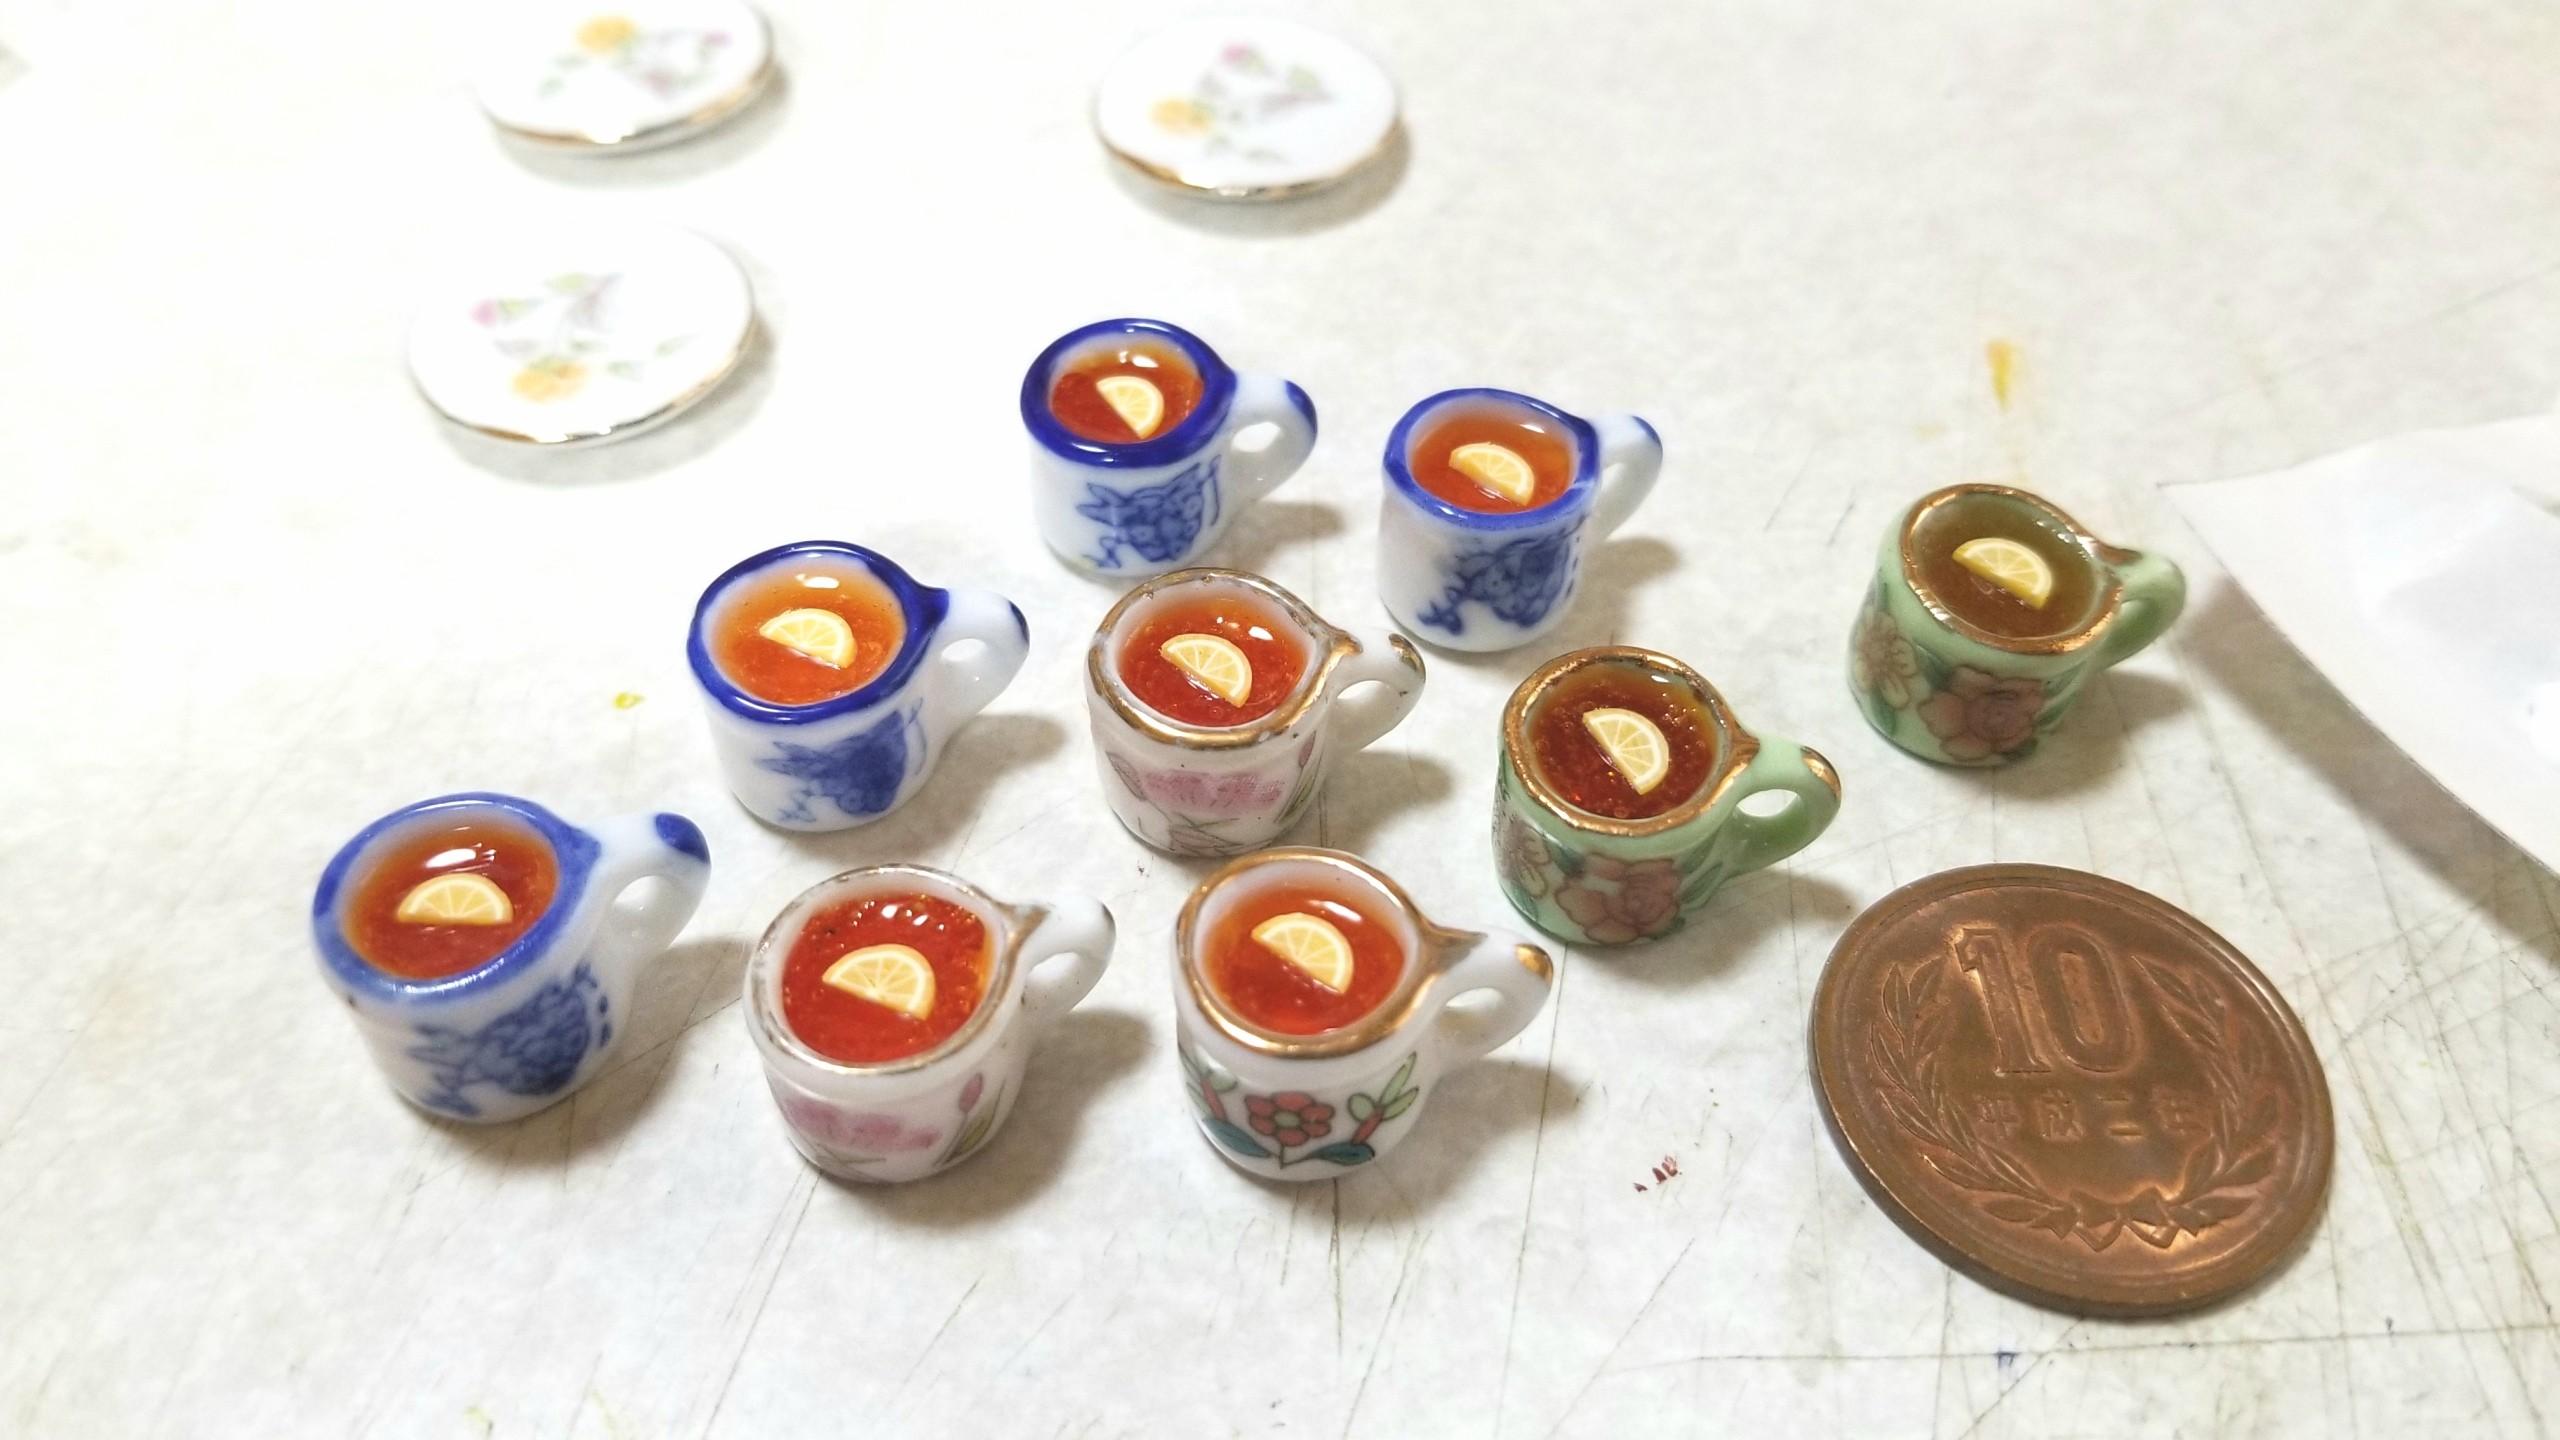 レモンティー,紅茶,ミニチュア,レジン,陶器,ティーカップ,ミンネ販売